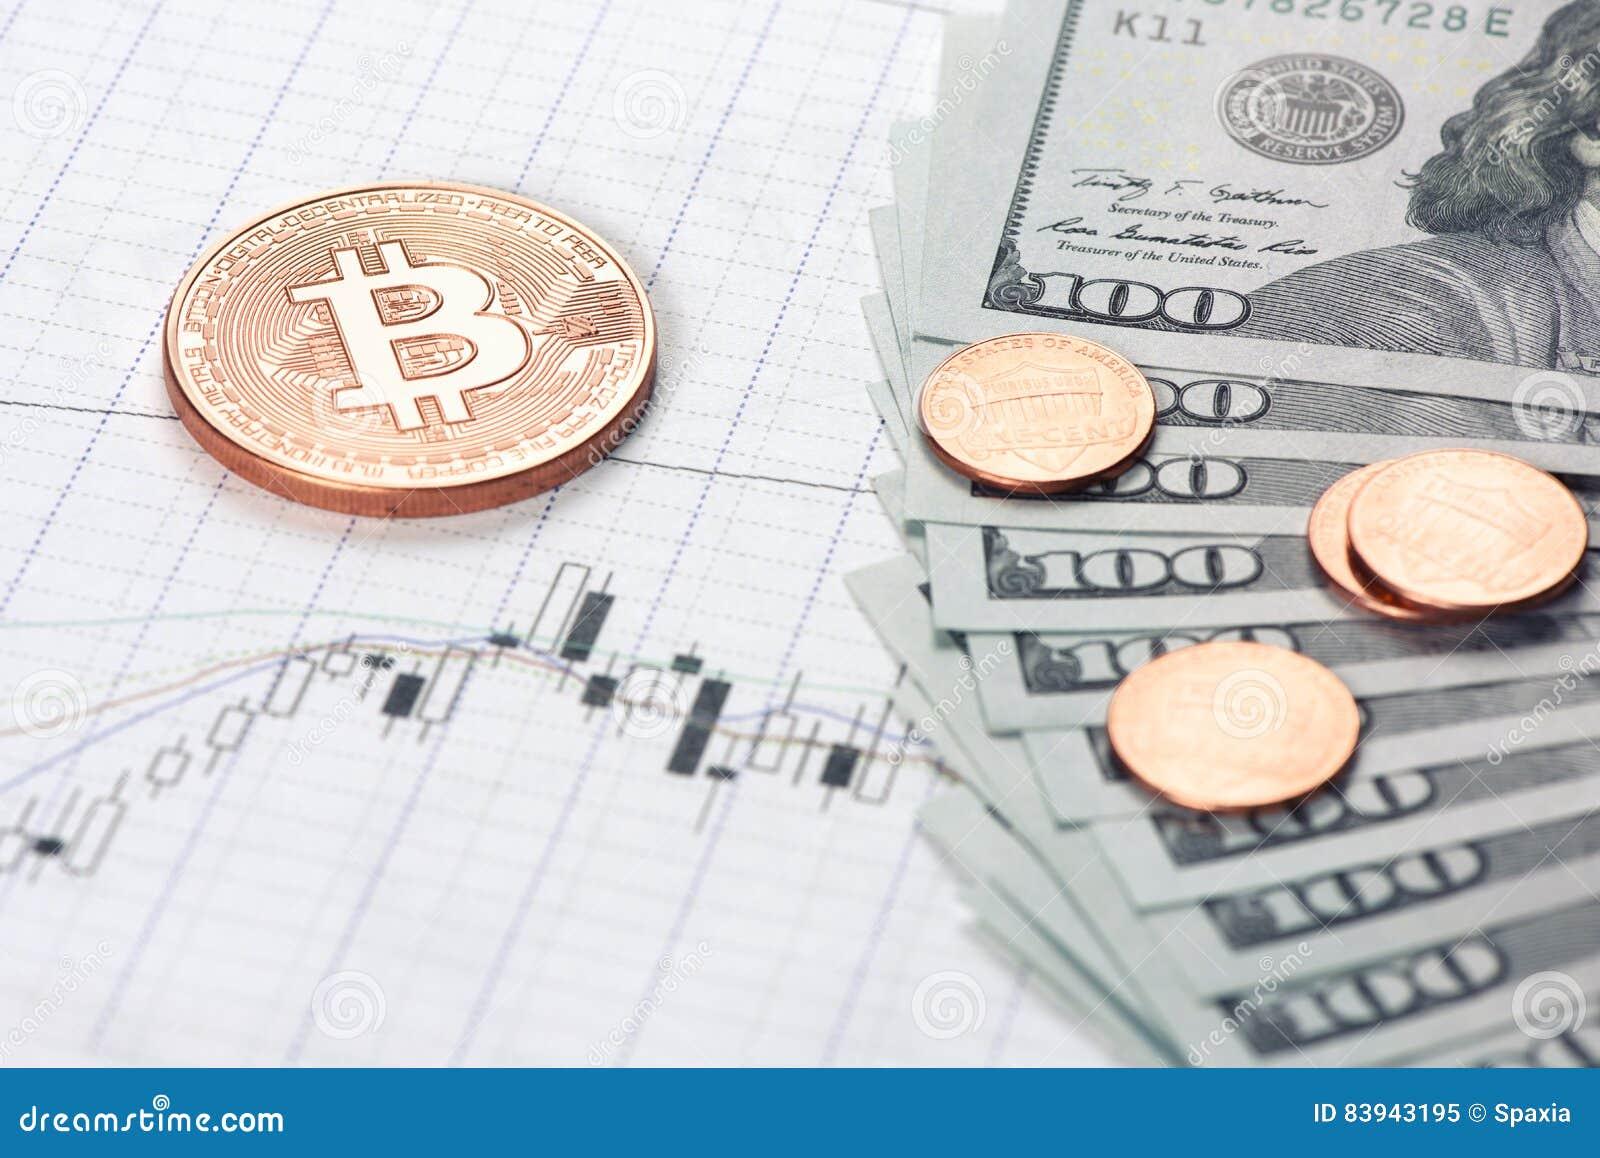 el bitcoin moneda